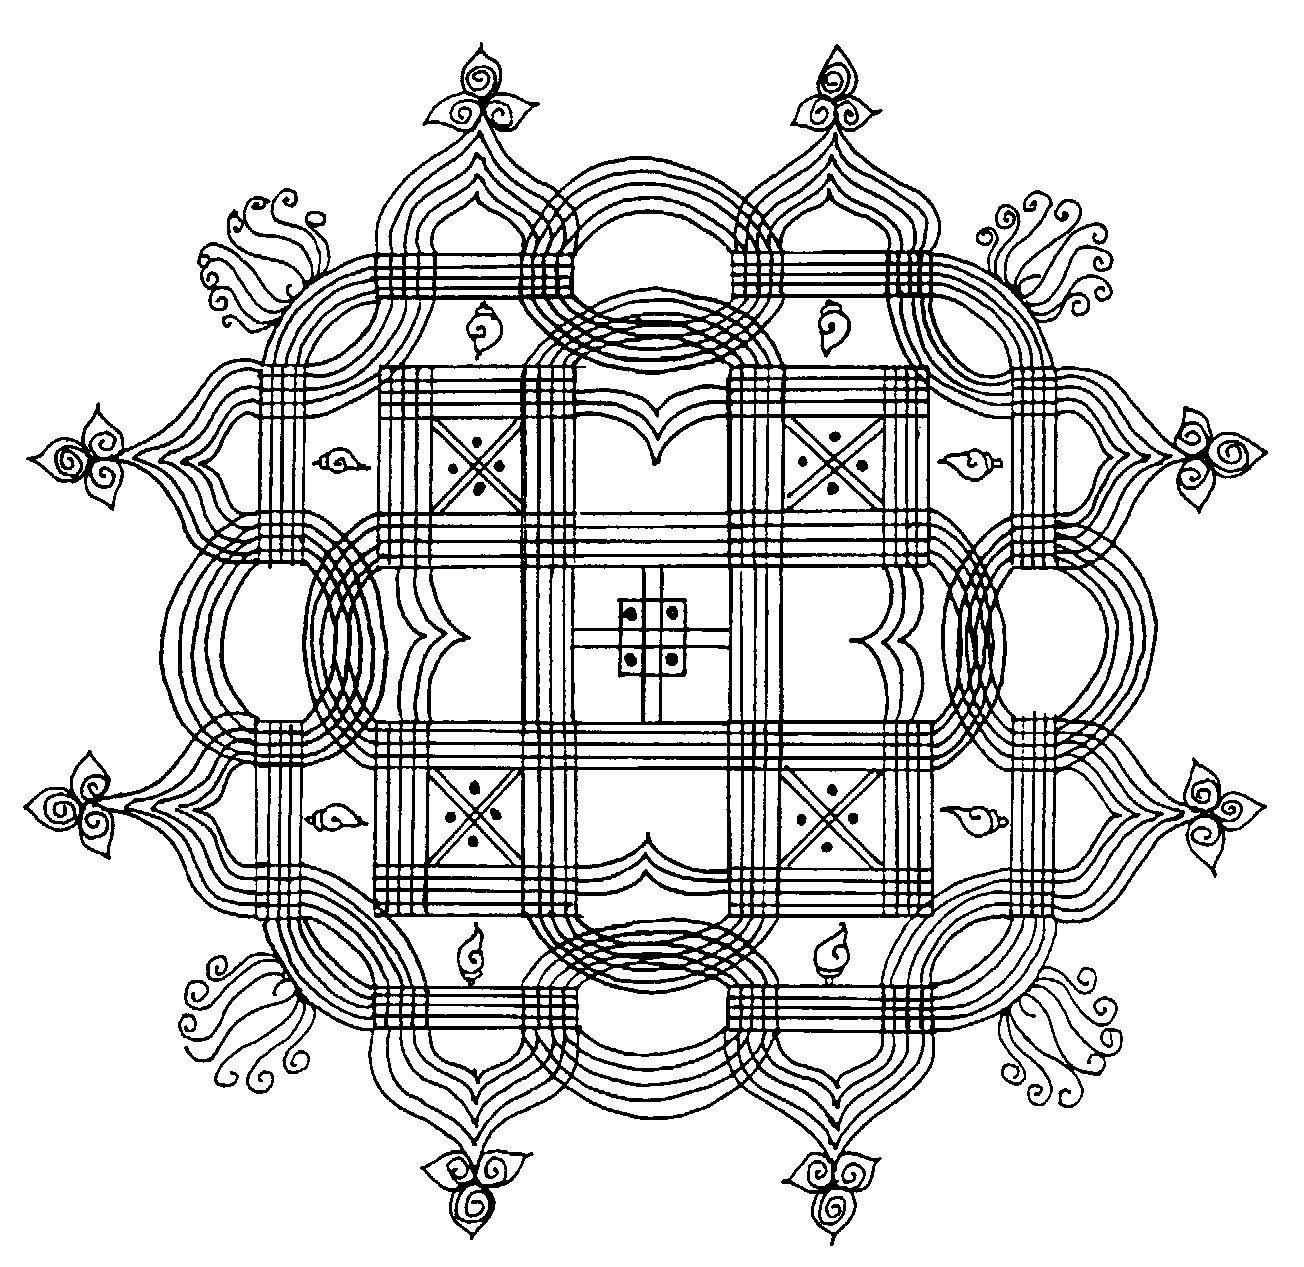 Padi kolam or kolam with lines